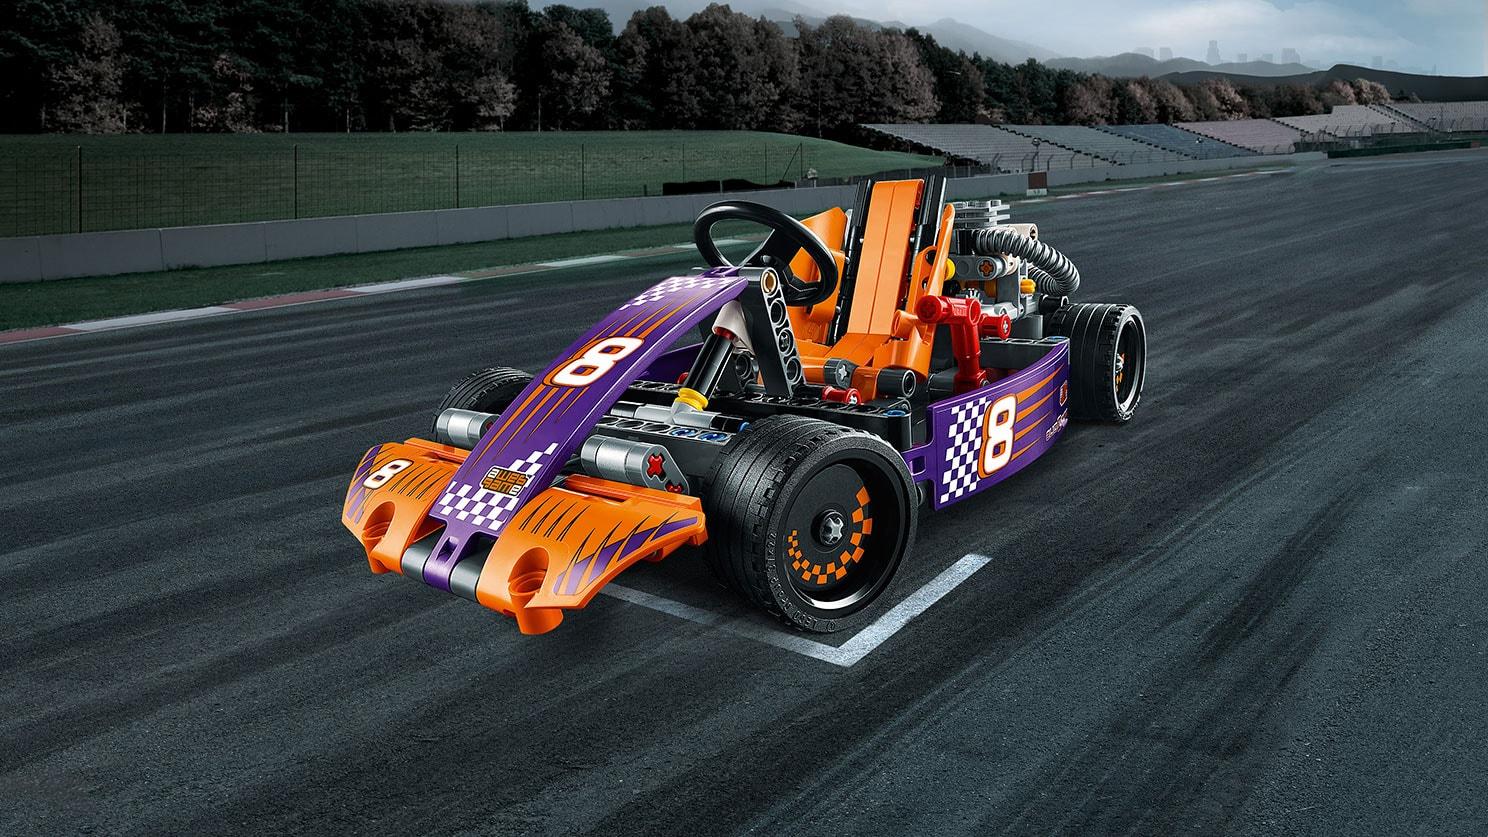 Ανακατασκεύασέ το για να δημιουργήσεις ένα πανίσχυρο Αυτοκίνητο Αγώνων.